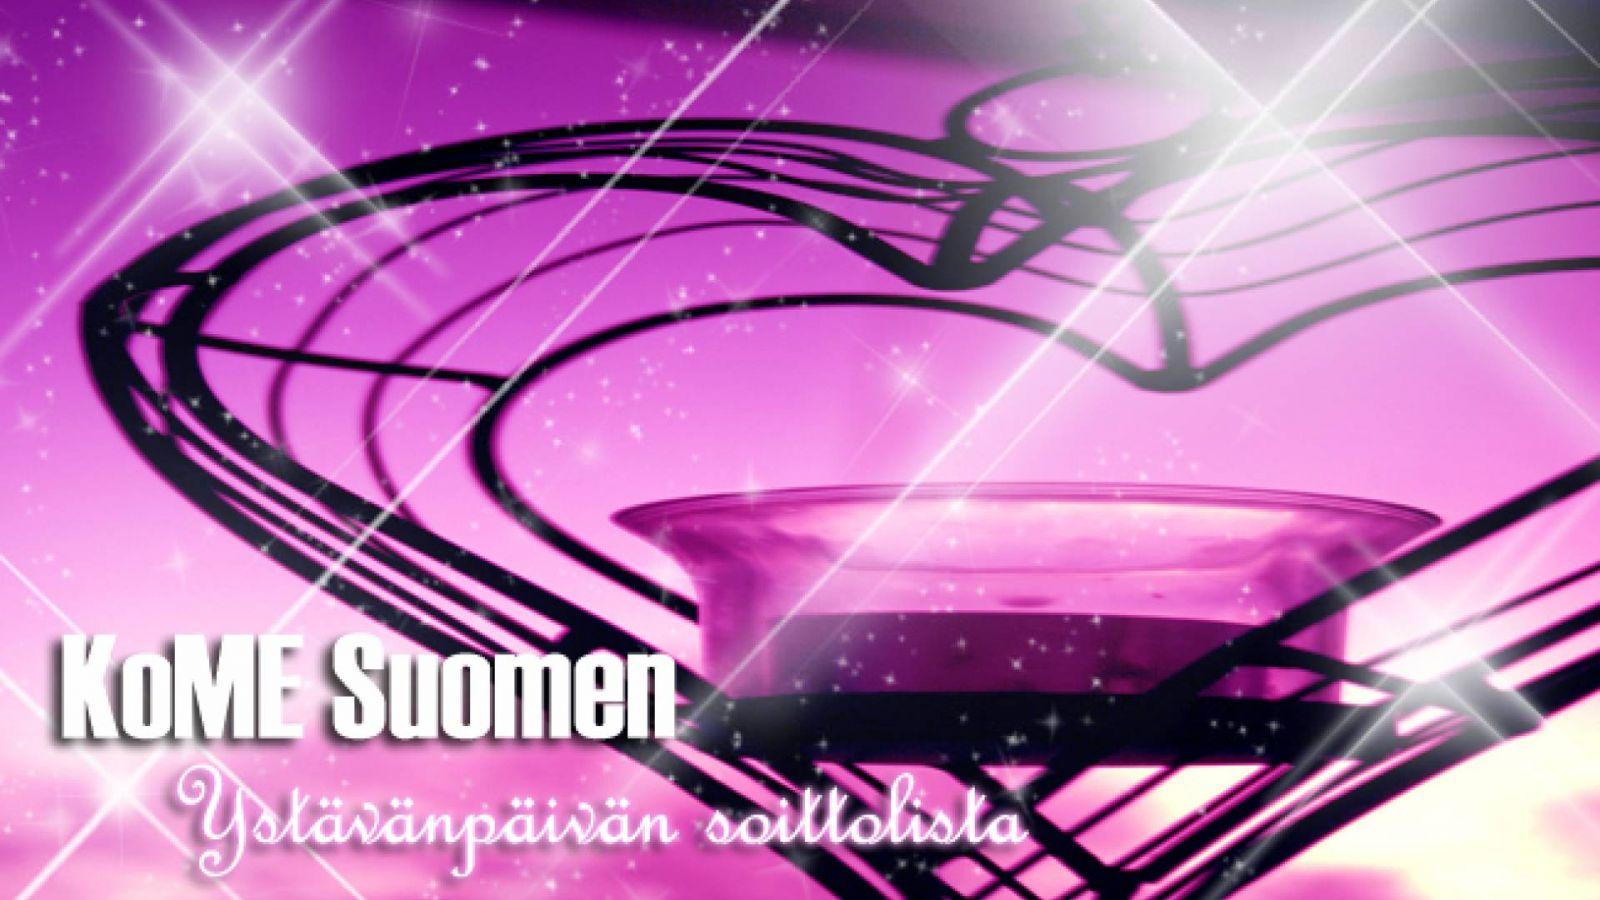 Ystävänpäivän soittolista © rreichu, KoME Suomi